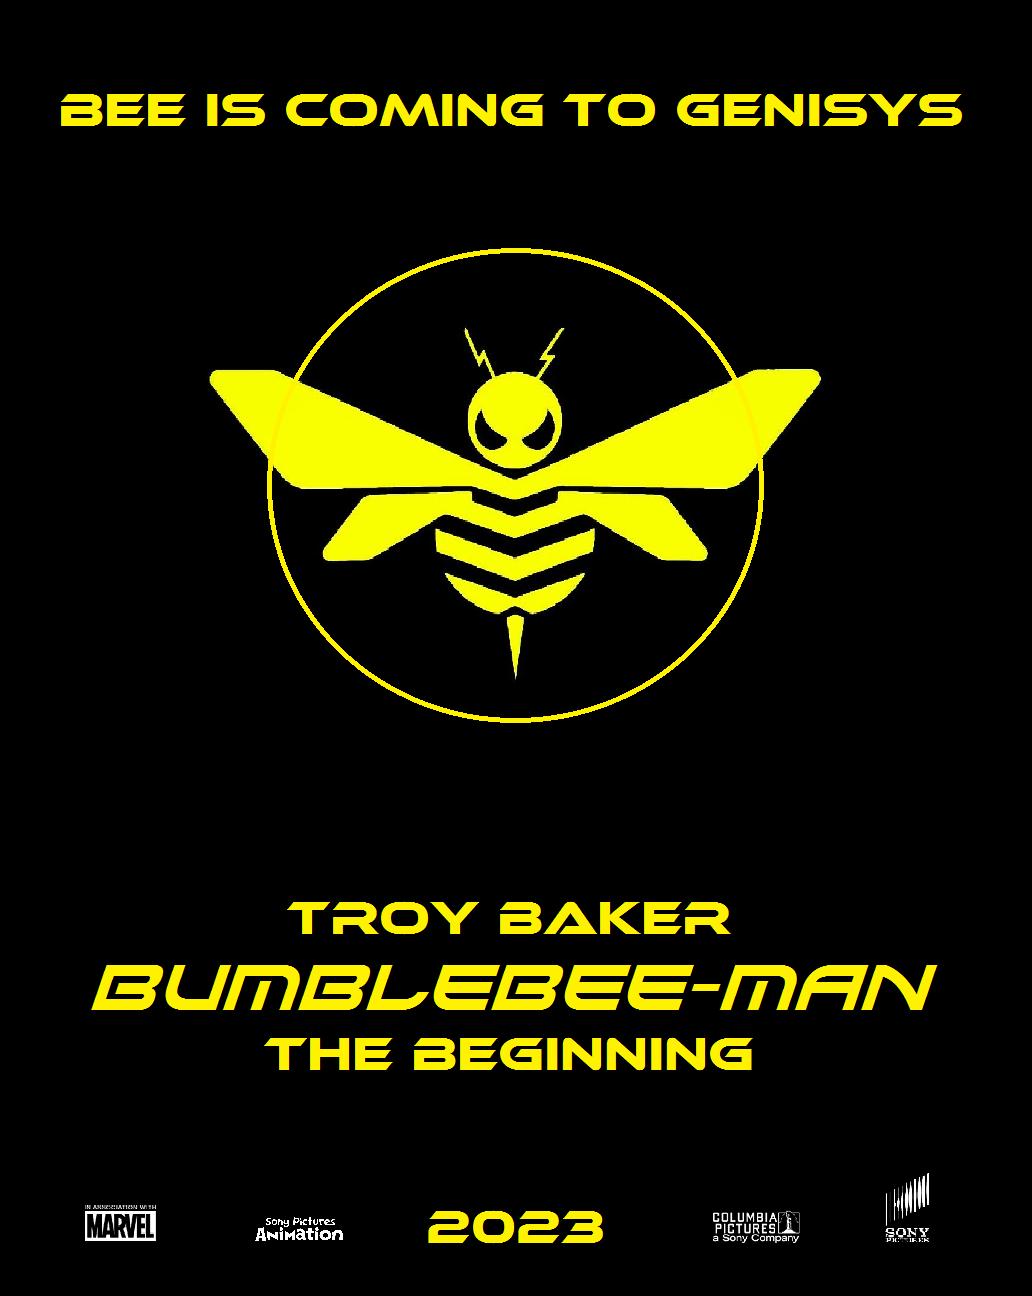 Bumblebee-Man 2023 poster.png